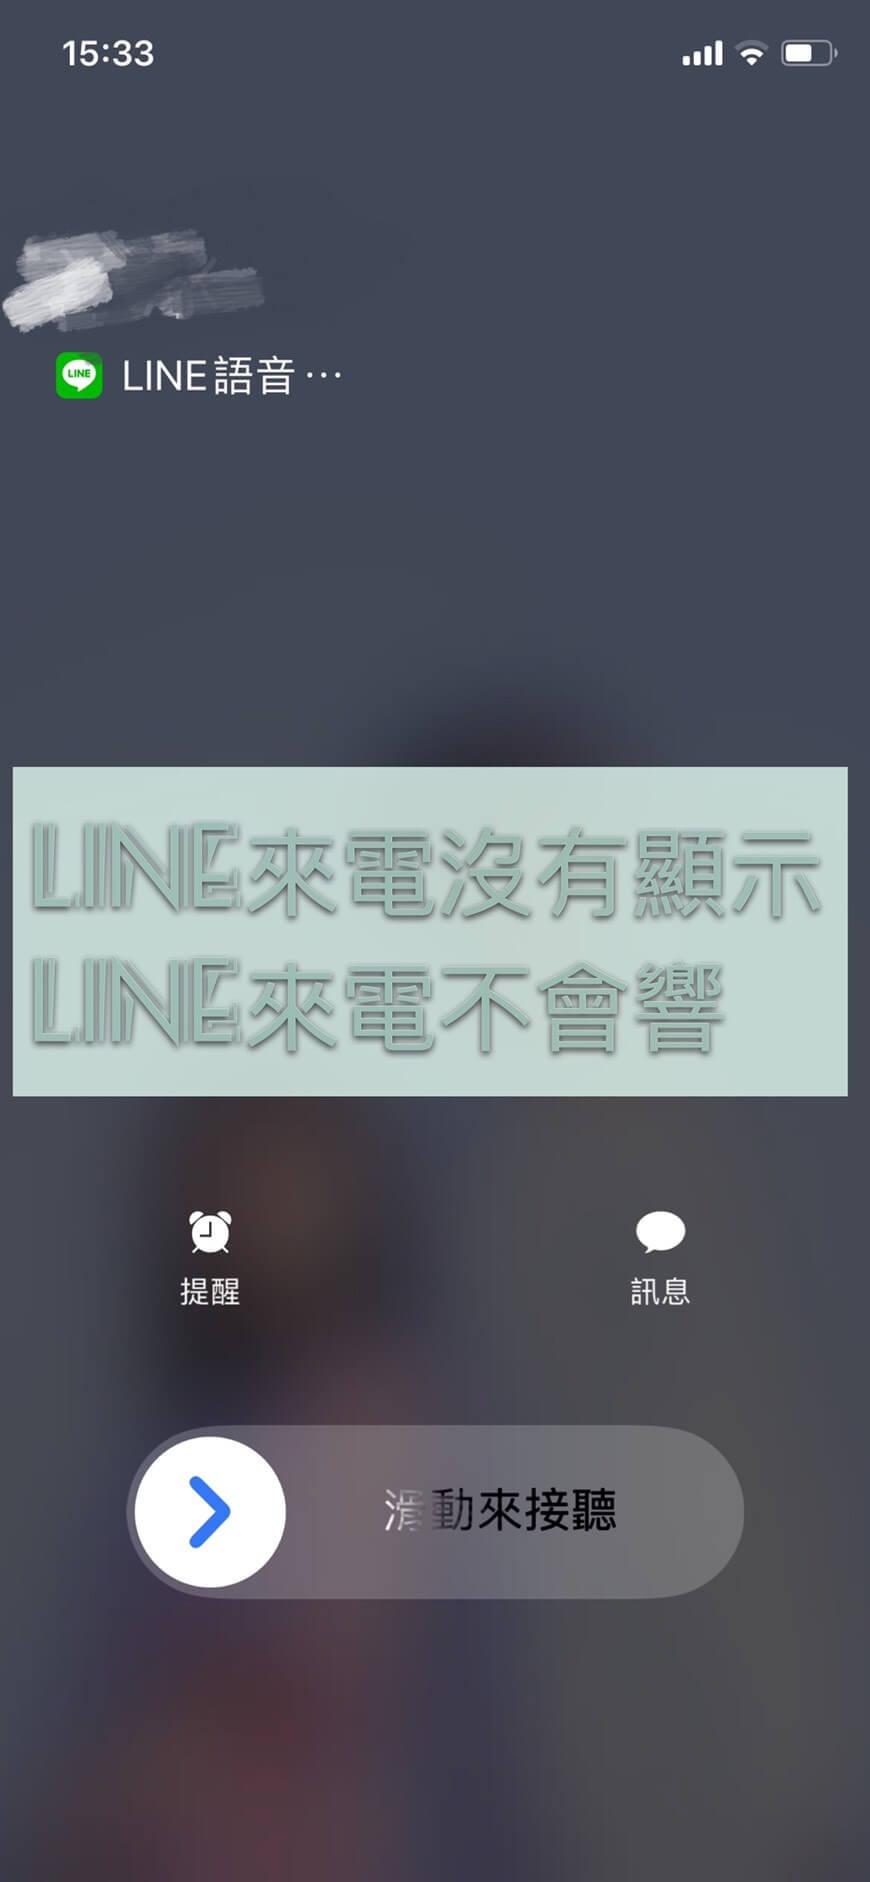 IOS 13 LINE來電無顯示、LINE來電不會響